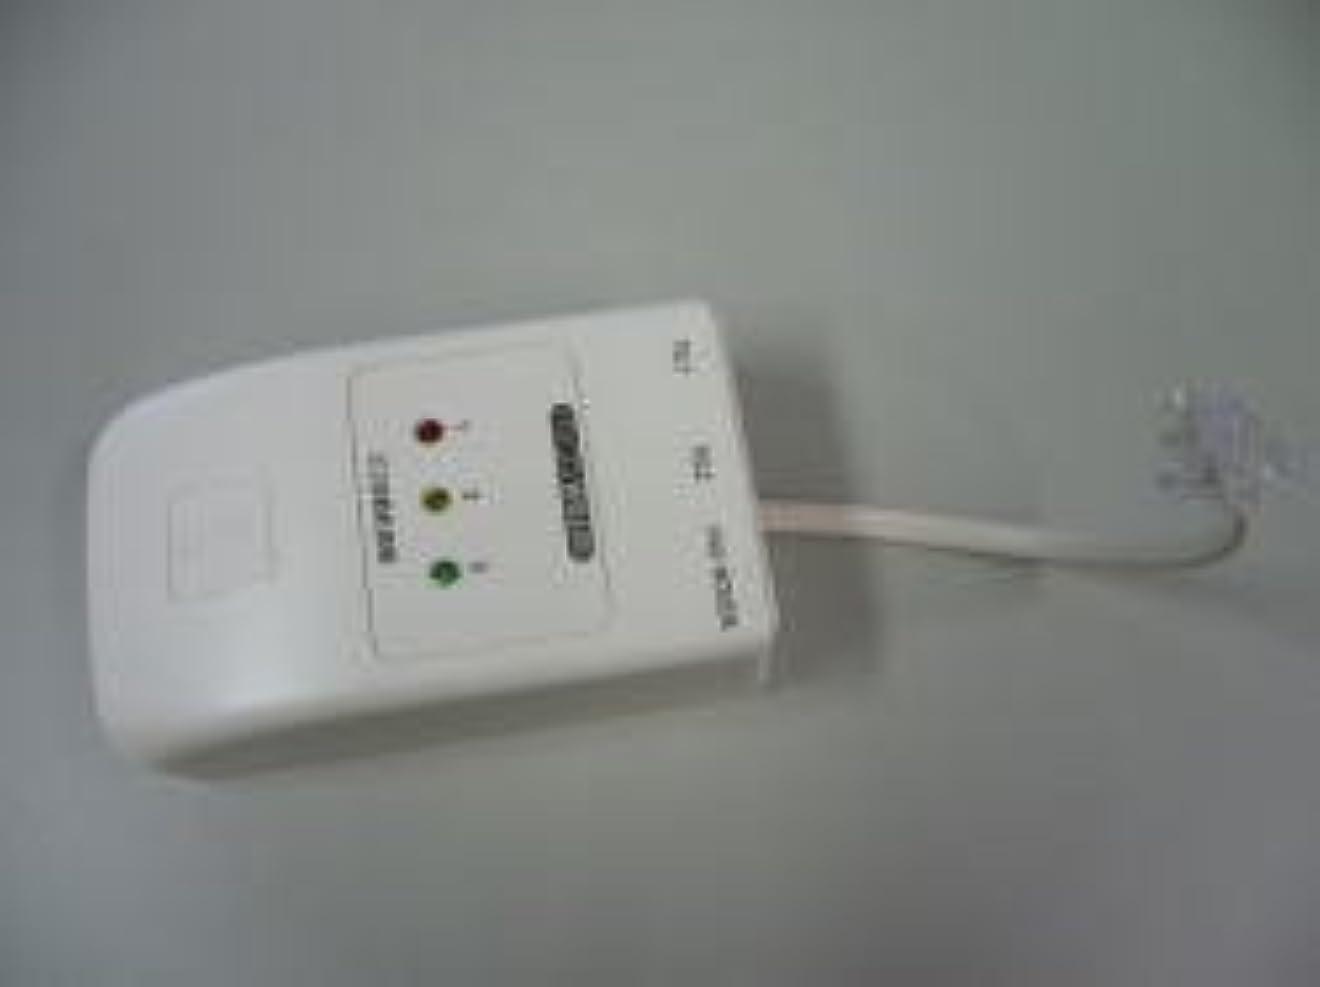 代わりにを立てるチャップ助言するナカ電子 テレホンアクセサリー 3口自動転換器 NT-370